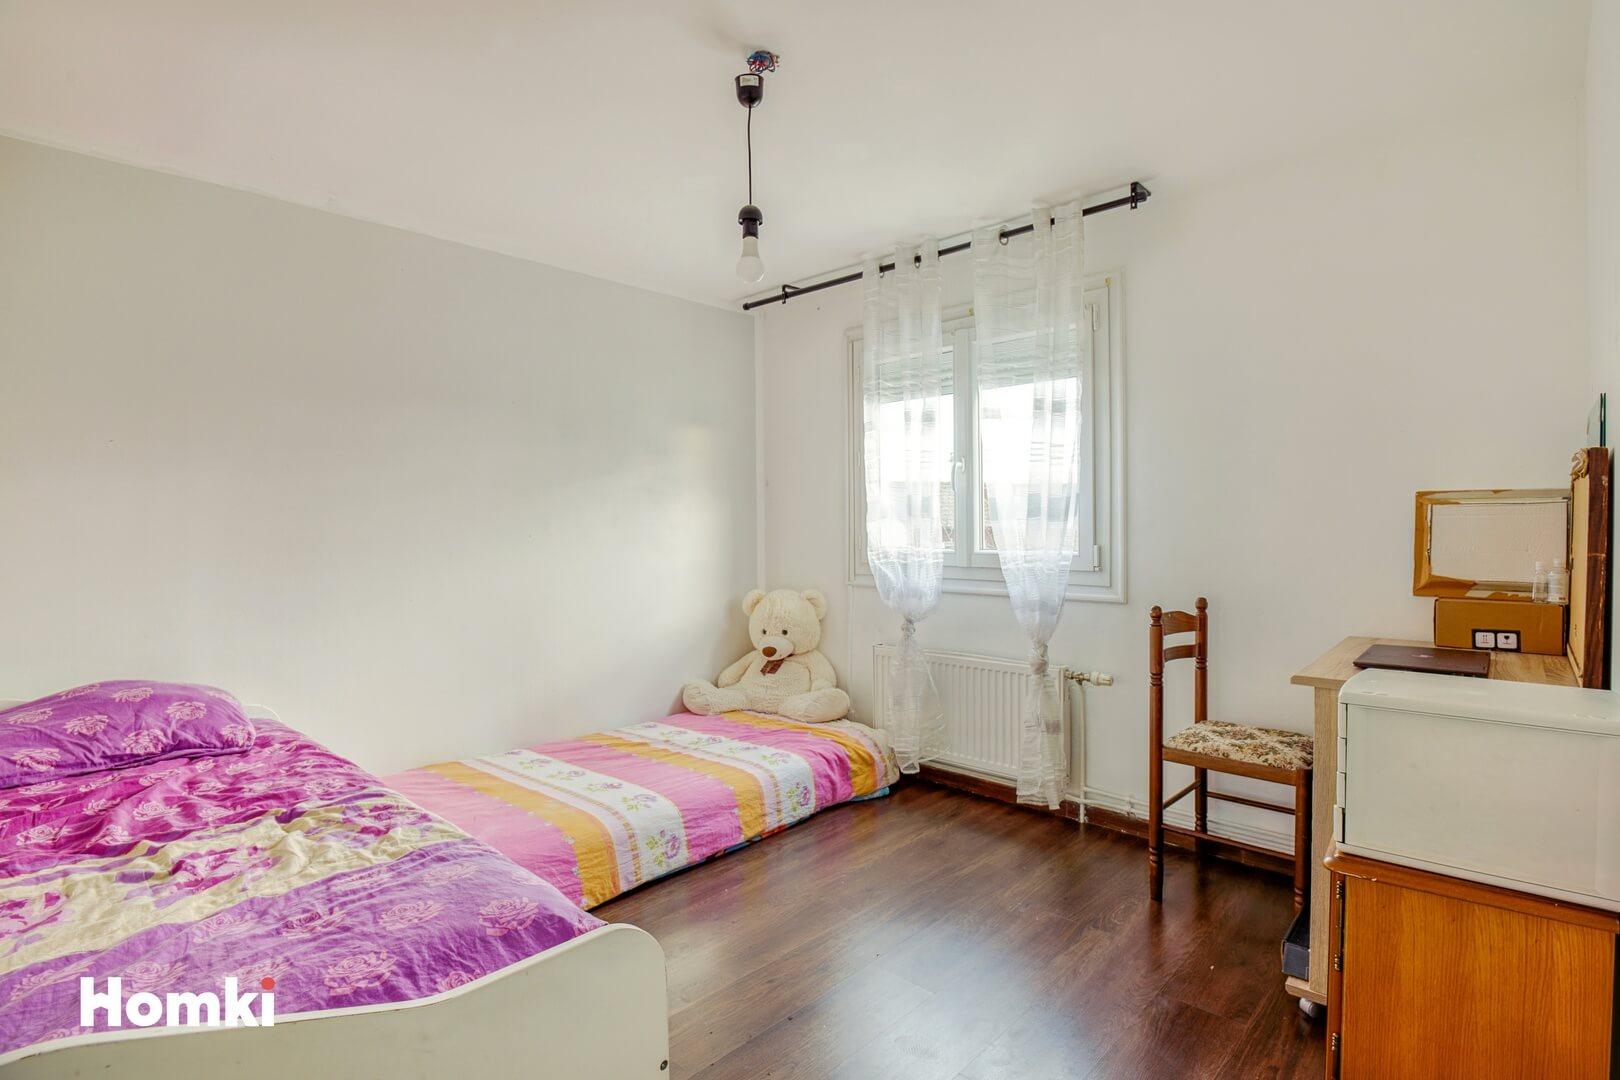 Homki - Vente Maison/villa  de 95.0 m² à Villefontaine 38090